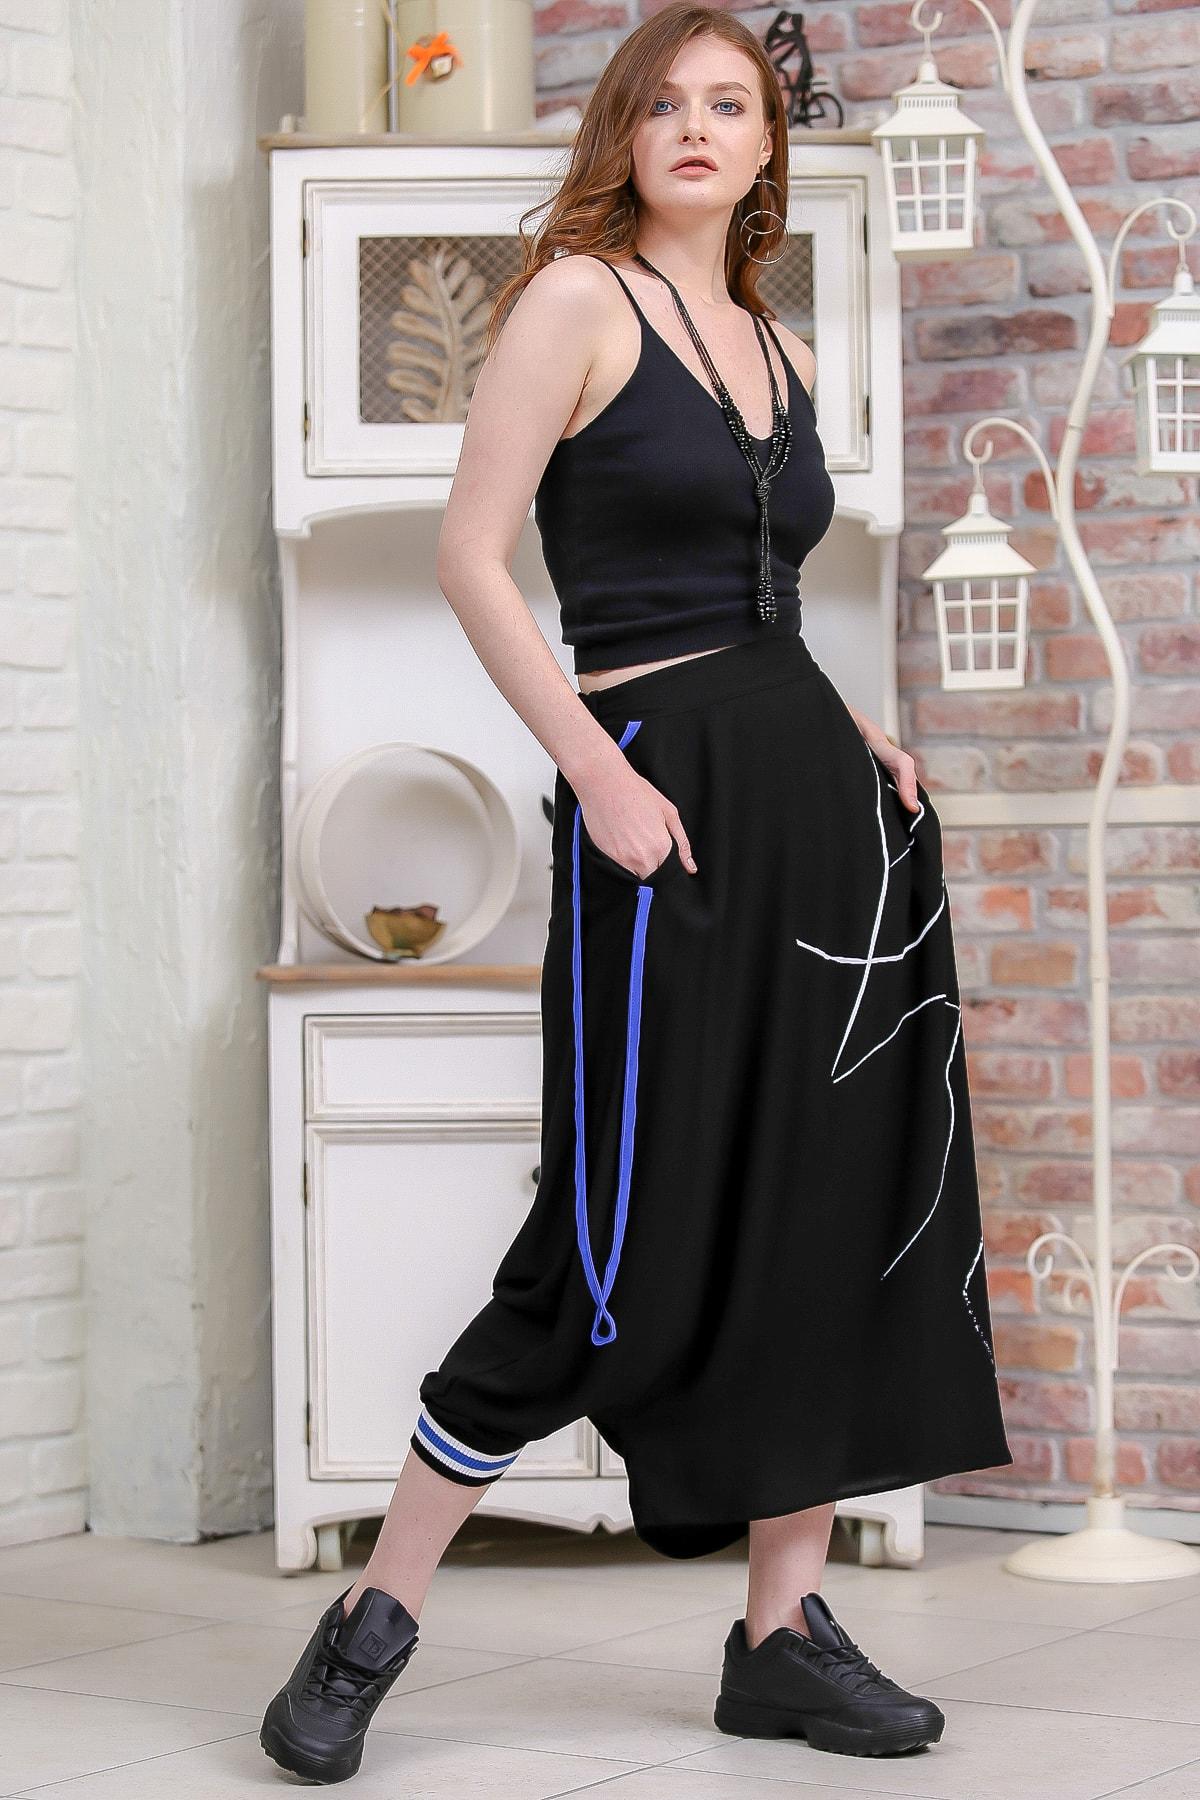 Chiccy Kadın Siyah Tek Paçası Lastik Detaylı Diğeri Açık Çizgisel Baskılı Şalvar Pantolon  M10060000PN99192 2